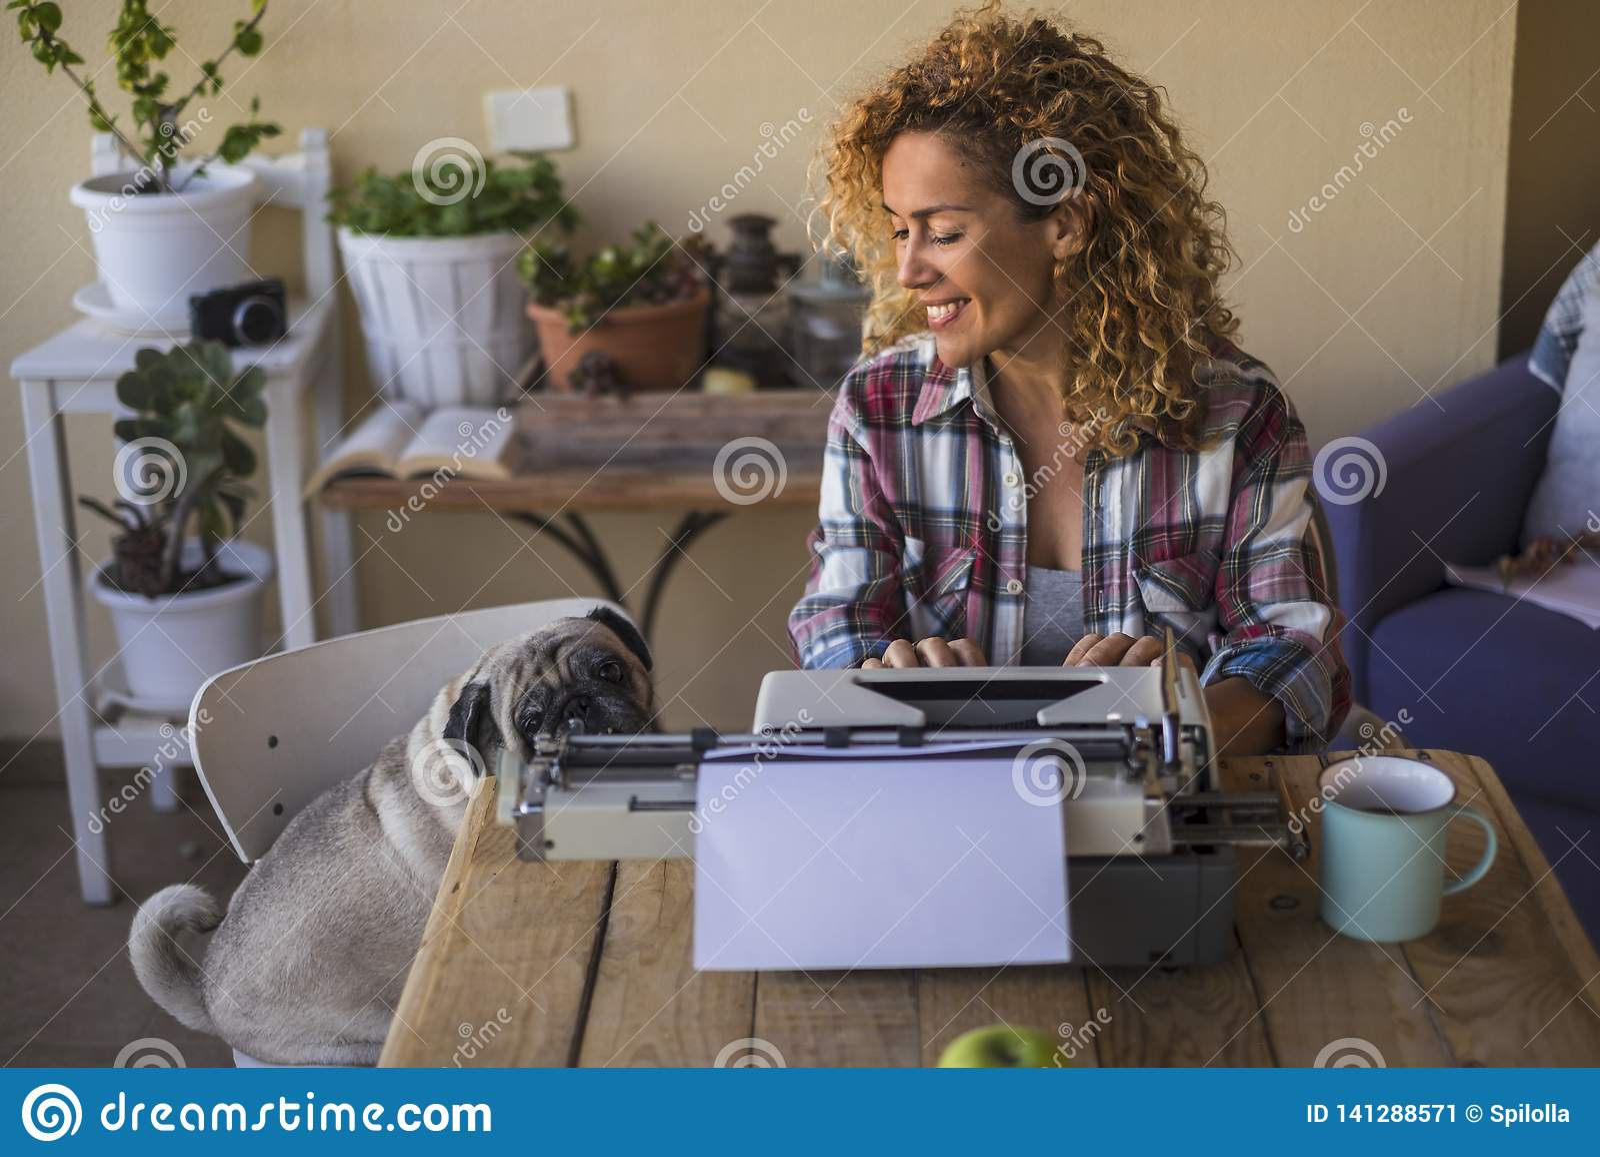 Jolie femme caucasienne de Moyen Âge utiliser une vieille machine à écrire pour écrire un blog ou un livre extérieur près de son